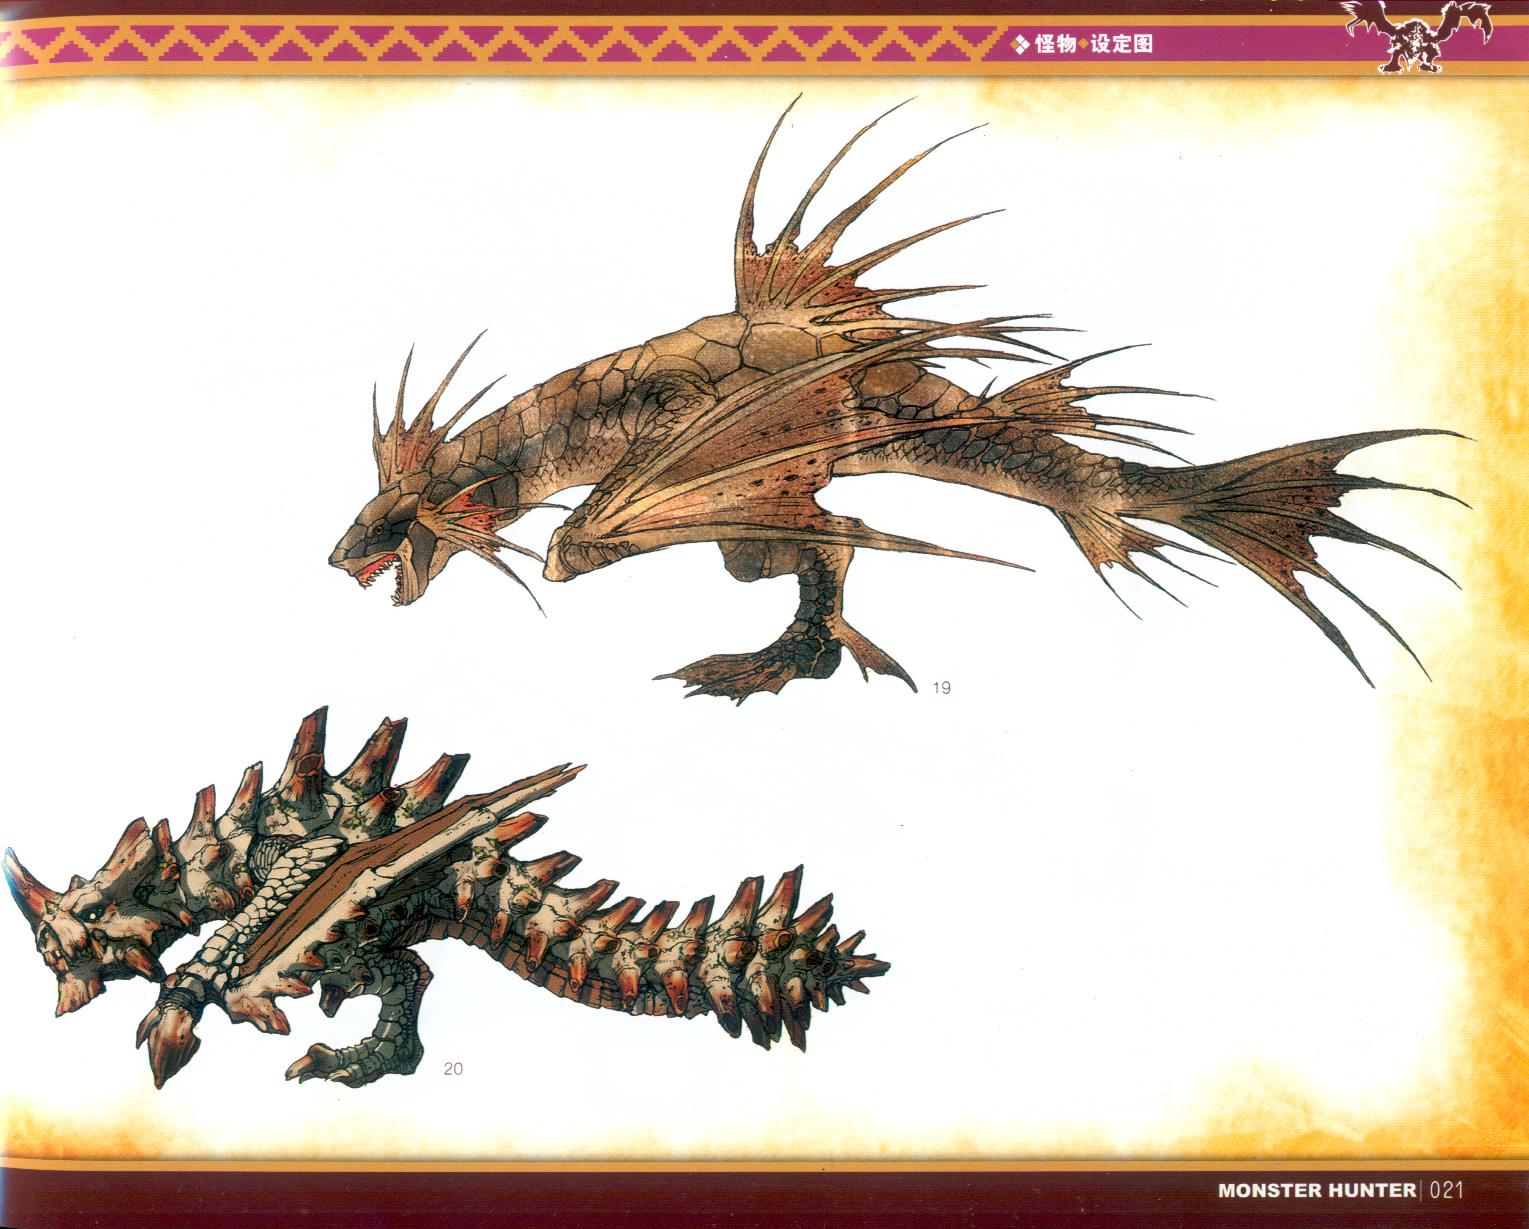 021_关注-游艺网GAME798海量资源下载怪物猎人终极画集.jpg